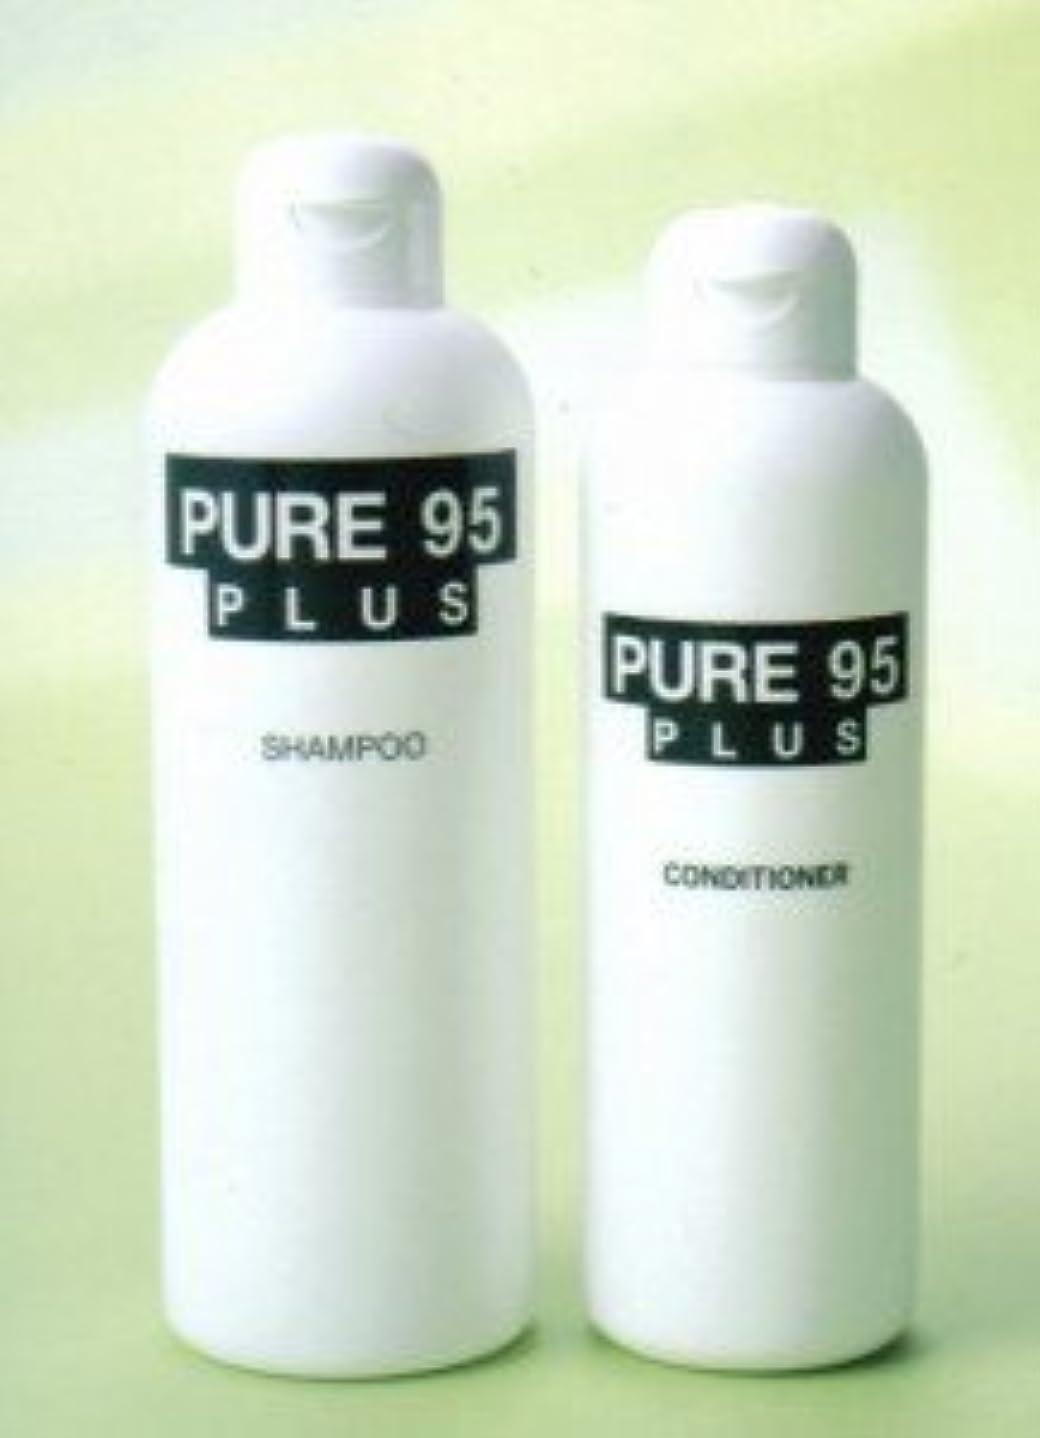 バス浪費ペフパーミングジャパン PURE95(ピュア95) プラスシャンプー 400ml (草原の香り)